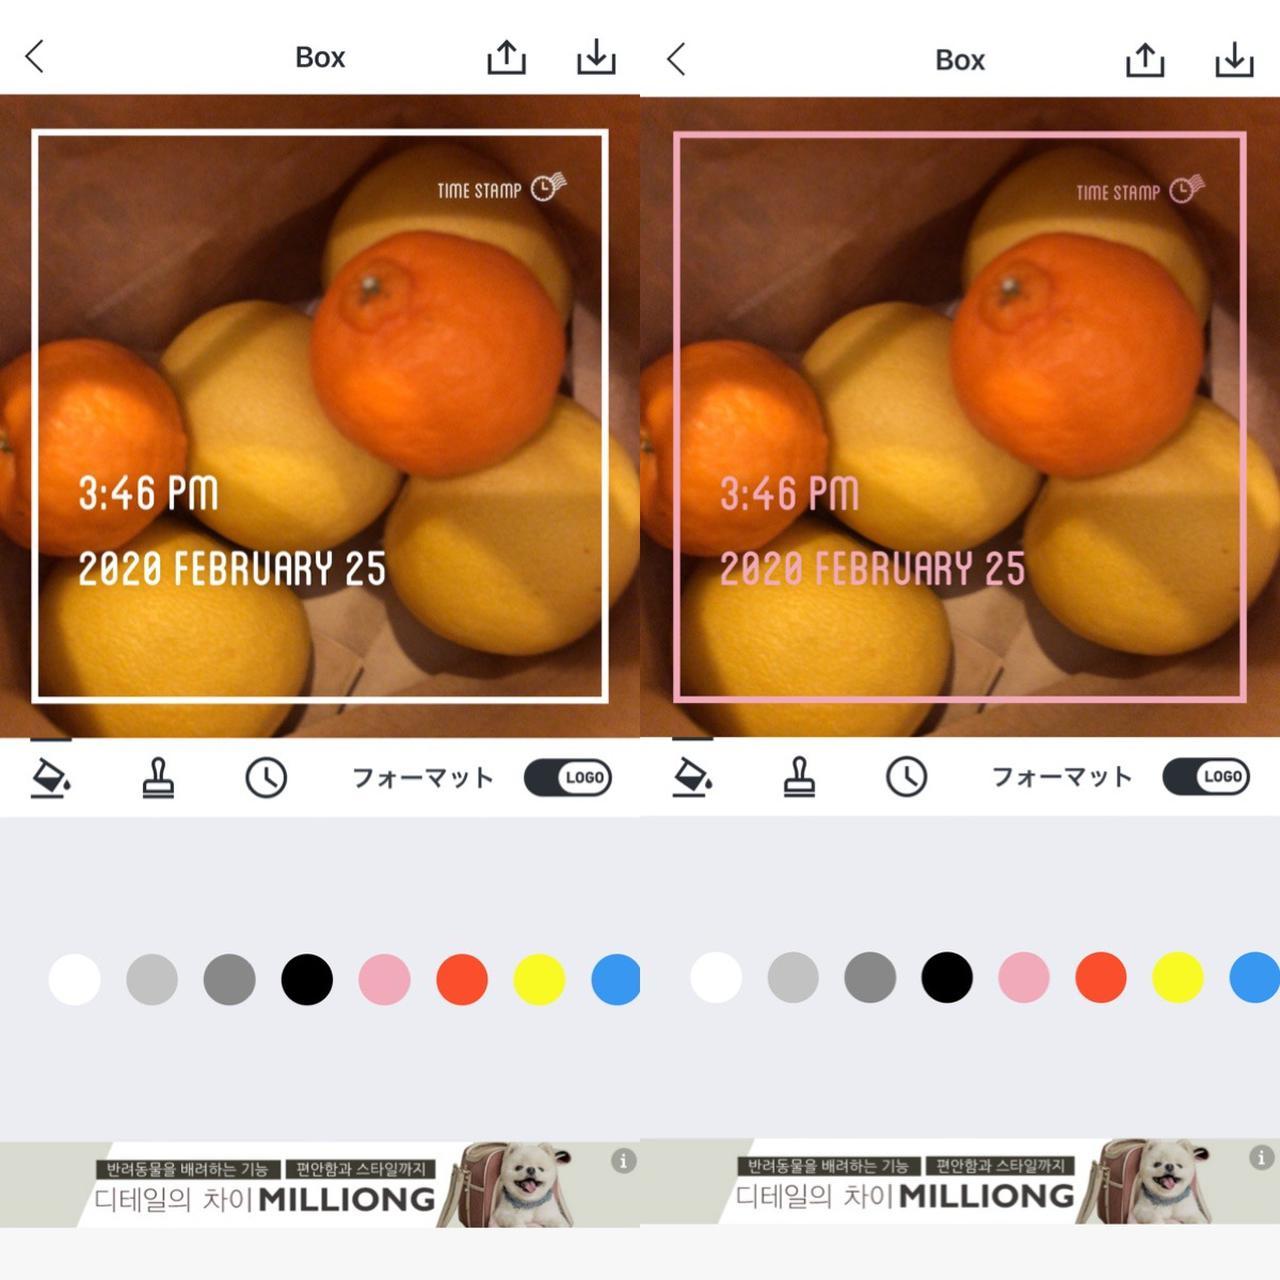 画像: 写真の雰囲気に合わせてスタンプの色も変えられます。